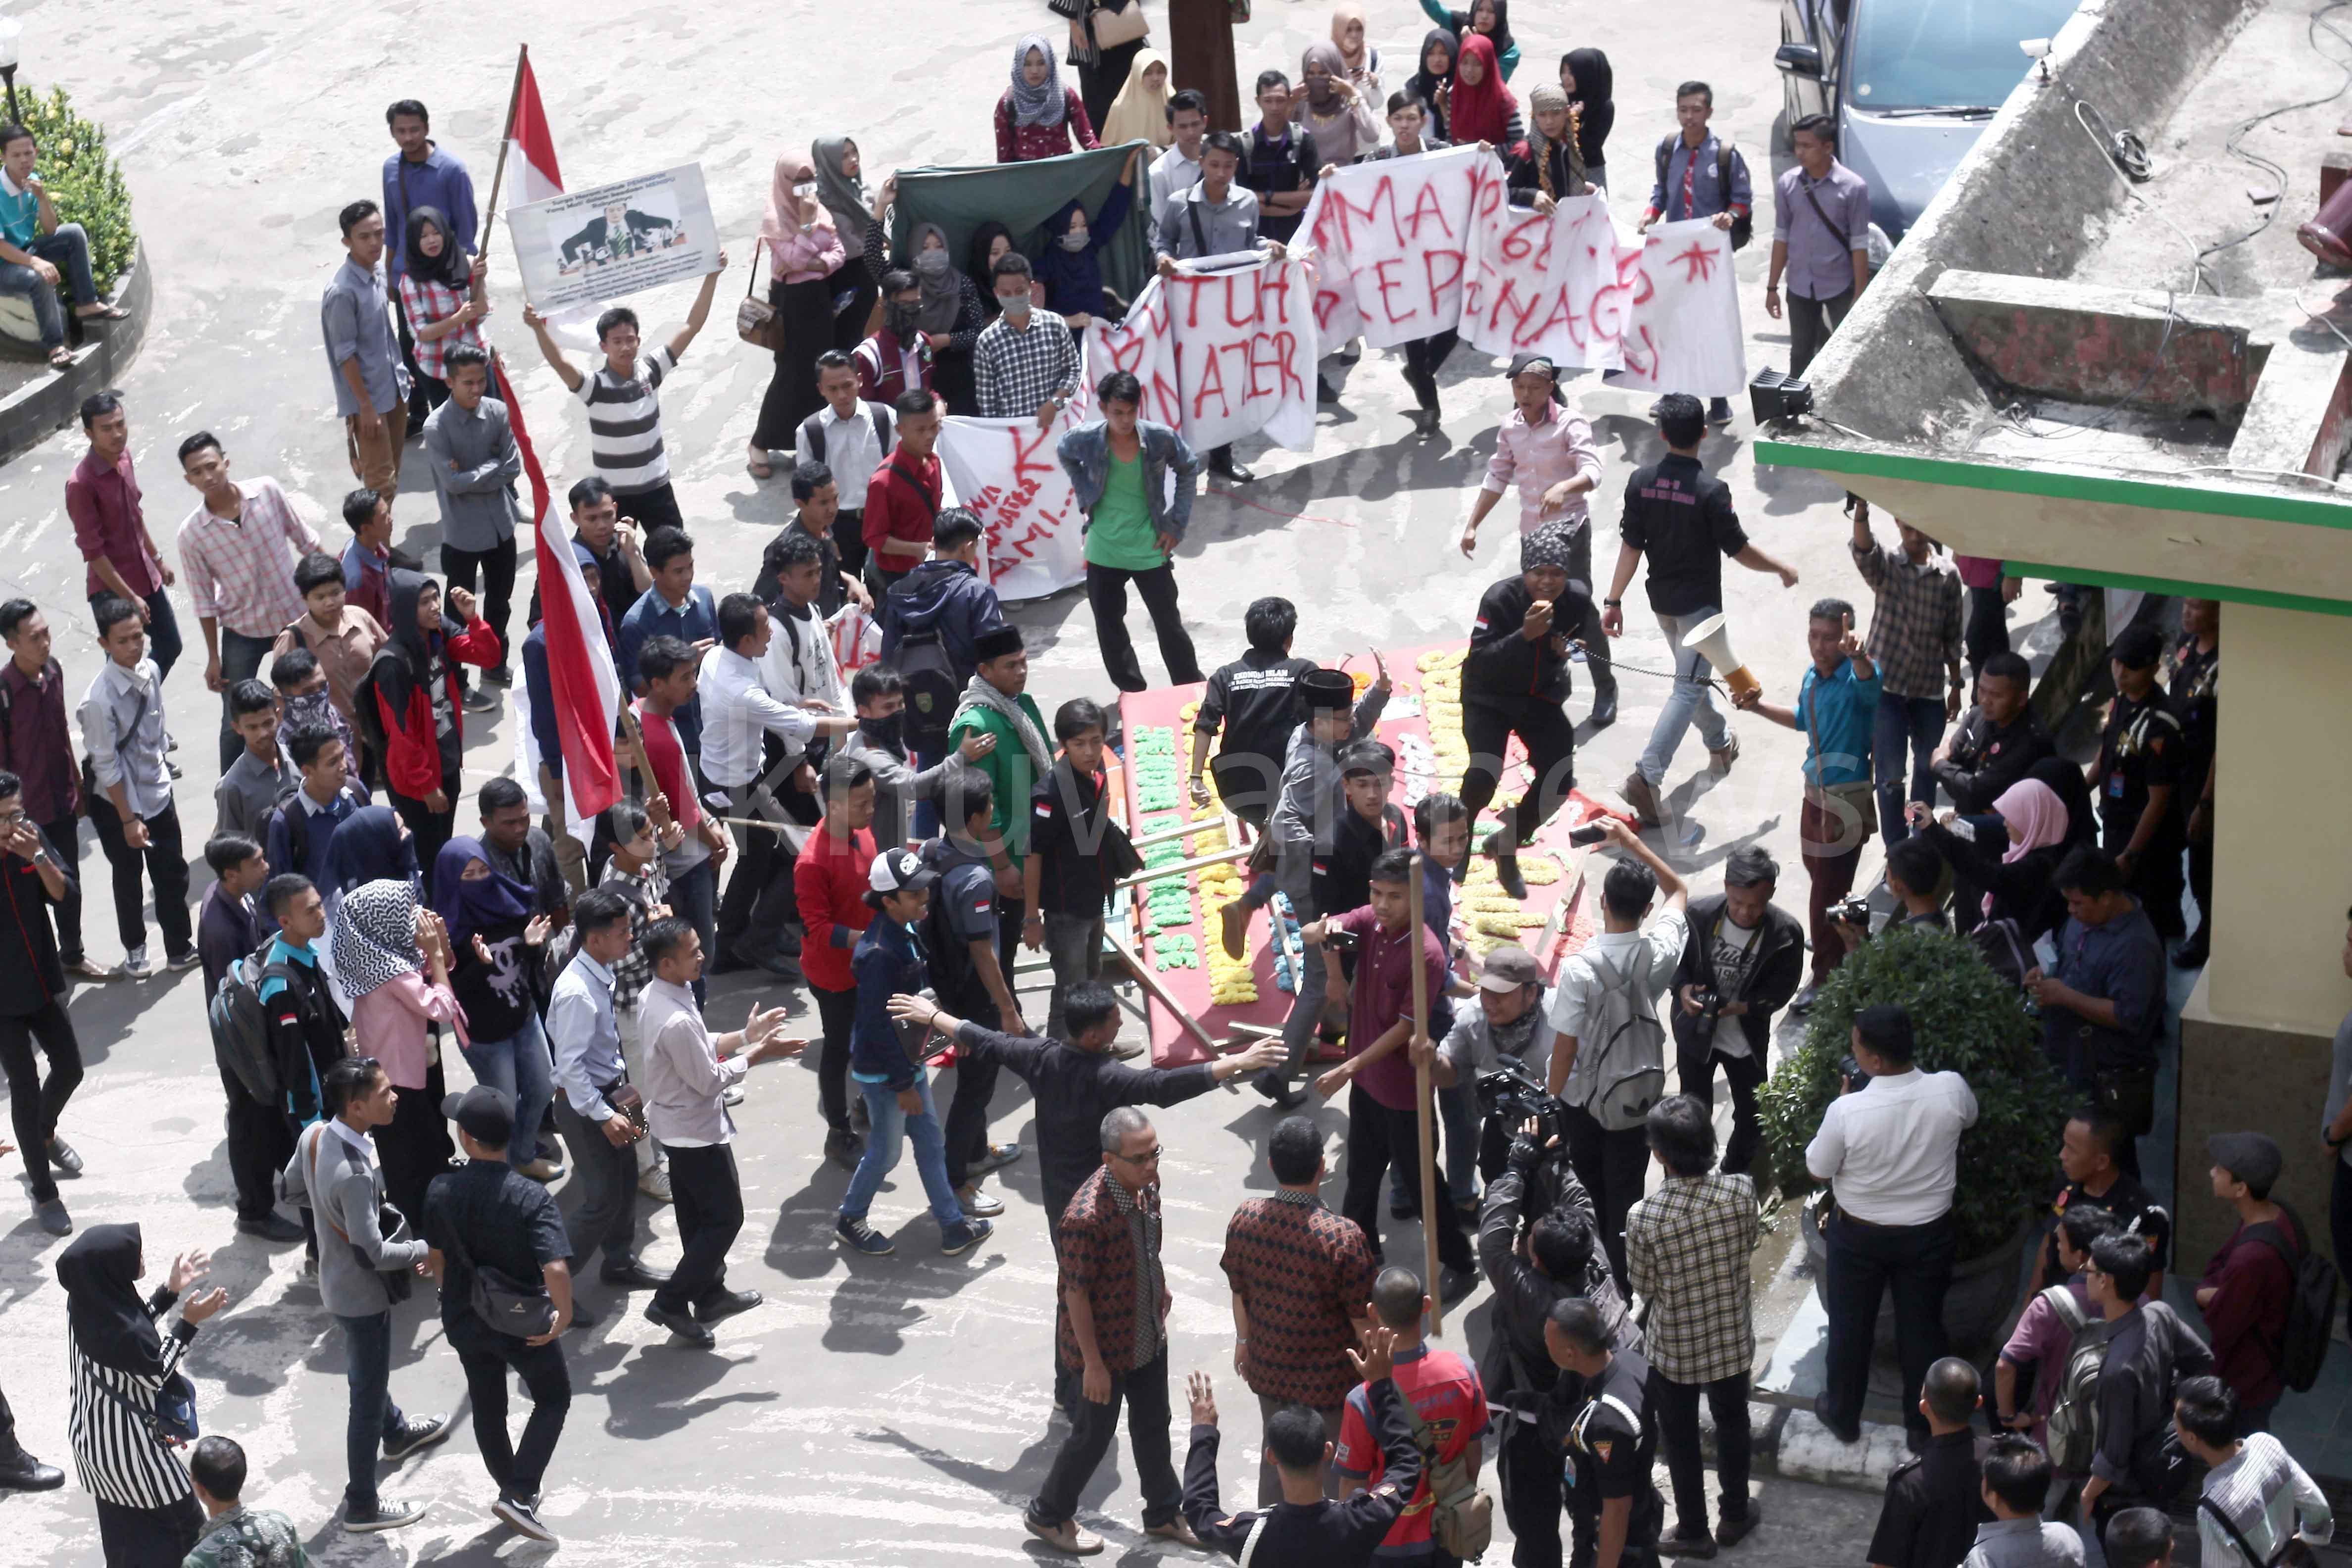 Puluhan mahasiswa Universitas Islam Negeri (UIN) Raden Fatah Palembang melakukan aksi demonstrasi dengan membakar ban didepan gedung rektorat UIN, Rabu (18/5/16). Aksi ini merupakan puncak dari aksi yang dilakukan pada senin lalu,  untuk menuntut kejelasan status almamater mahasiswa angkatan 2014 dan 2015 yang belum dibagikan dua tahun terakhir.